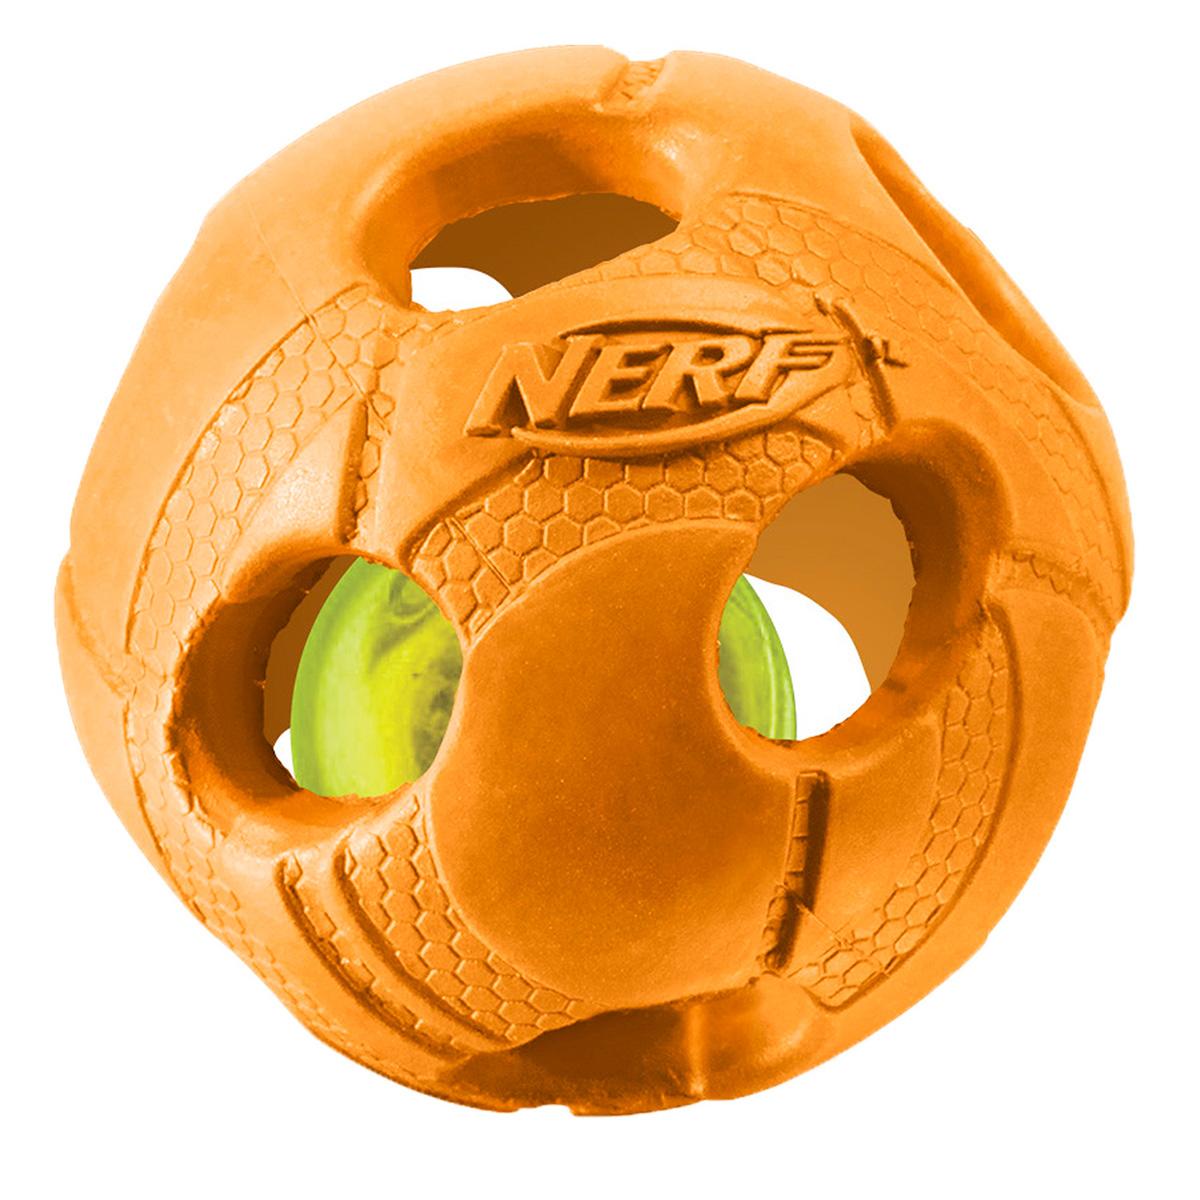 Игрушка для собак Nerf Мяч, светящийся, 9 см22620Мяч из двух словев прочной резины с отыверстиями и LED-лампой внутри! LED при ударе начинает мигать, что приводит собаку в восторг, вдохновляя на игру! Оптимально для игры в темное время суток! Подходит собакам с мощной челюстью! Интересный рельефный рисунок! Диаметр: 9 см, M.